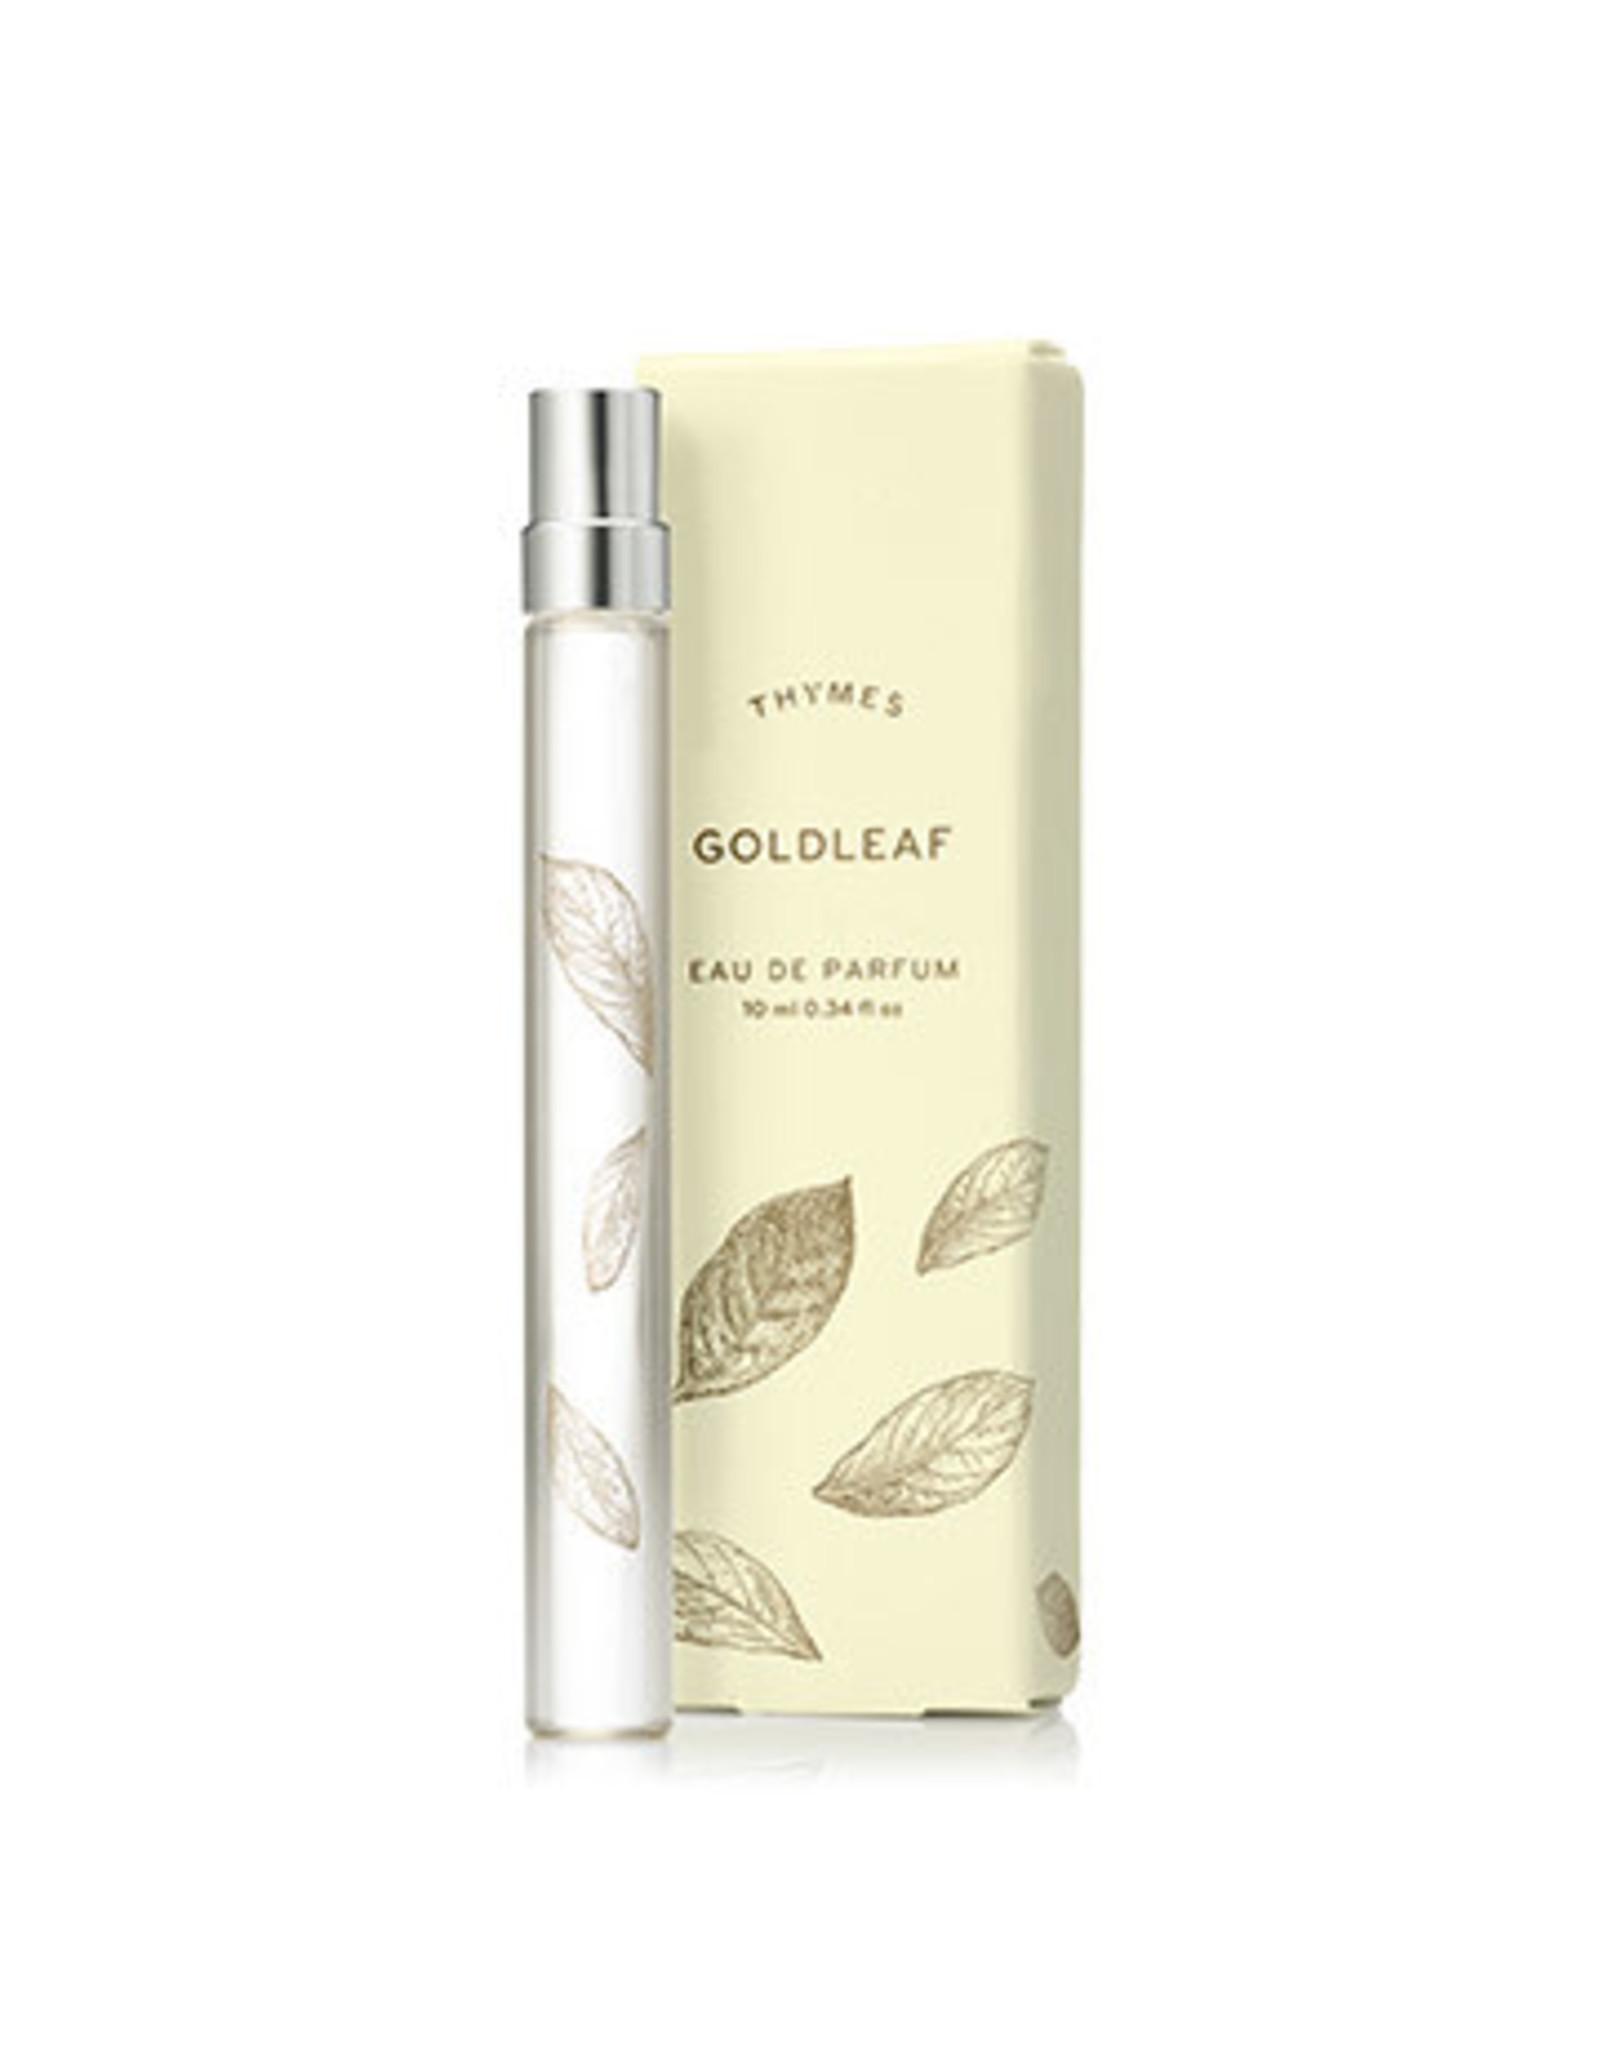 Thymes Goldleaf Eau De Parfum Spray Pen